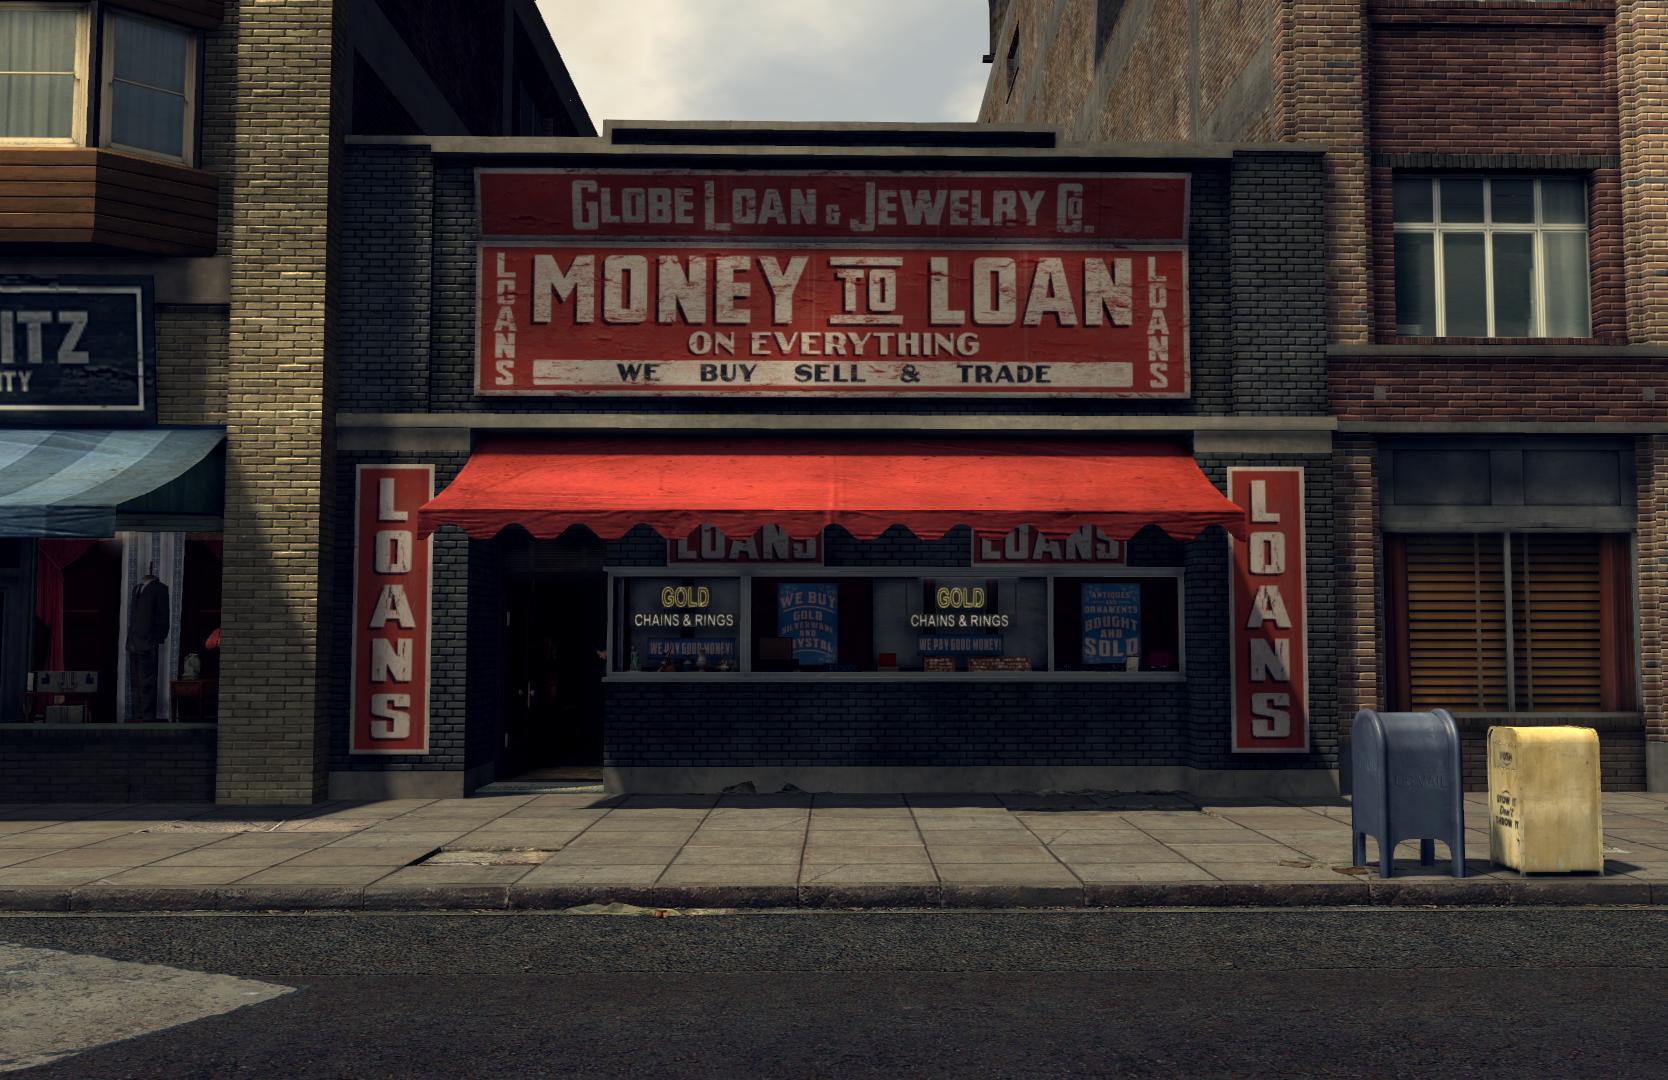 Globe Loan & Jewelry Co.